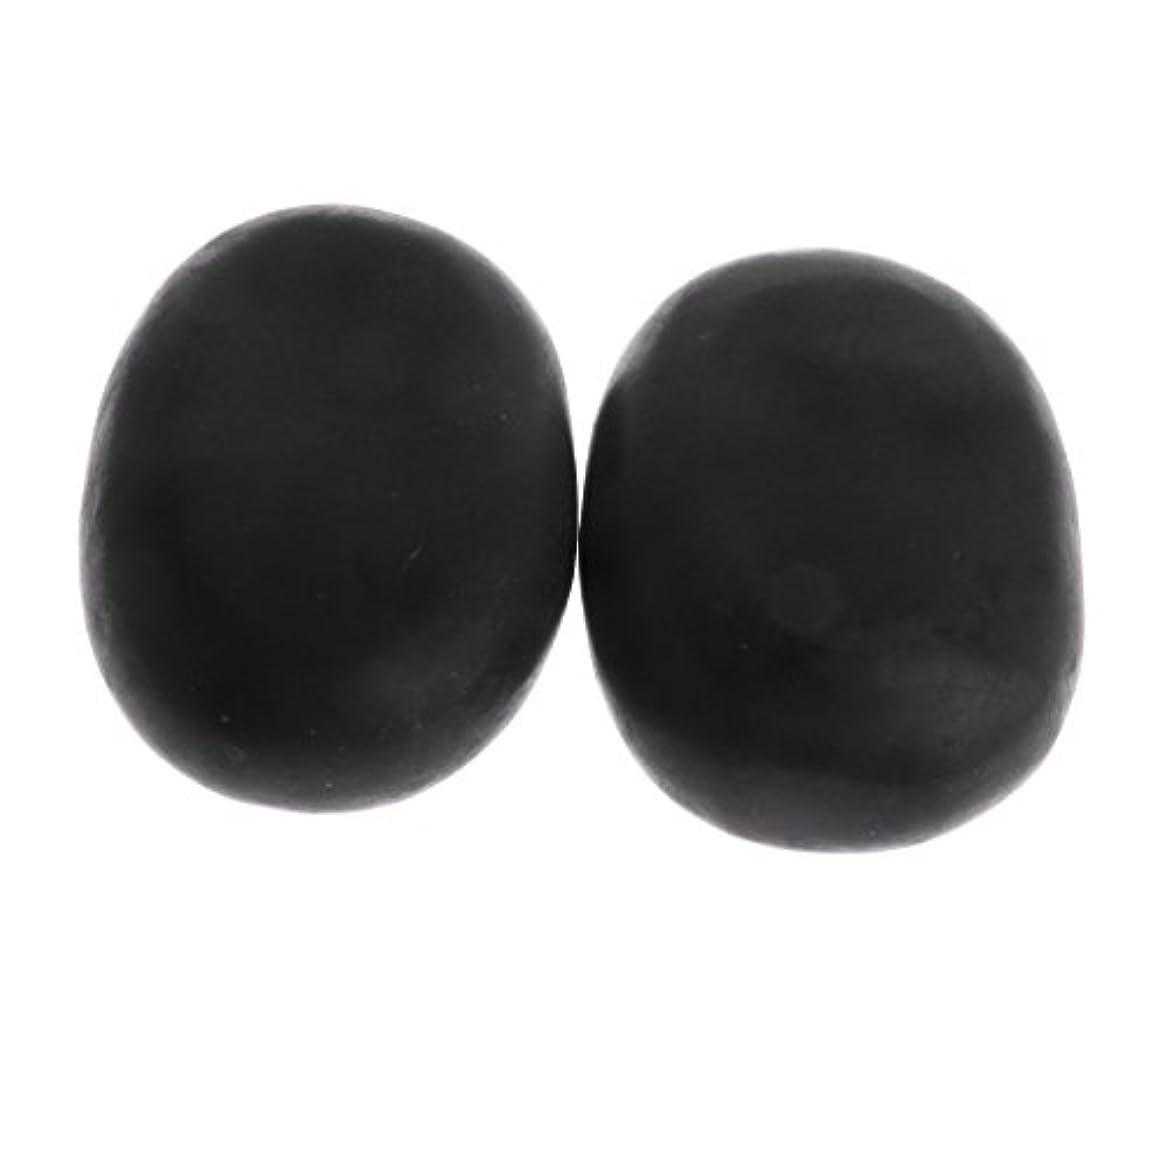 病な冷蔵する悪のマッサージ石 2個 温泉石 玄武岩 火山石 マッサージ 溶岩 自然石